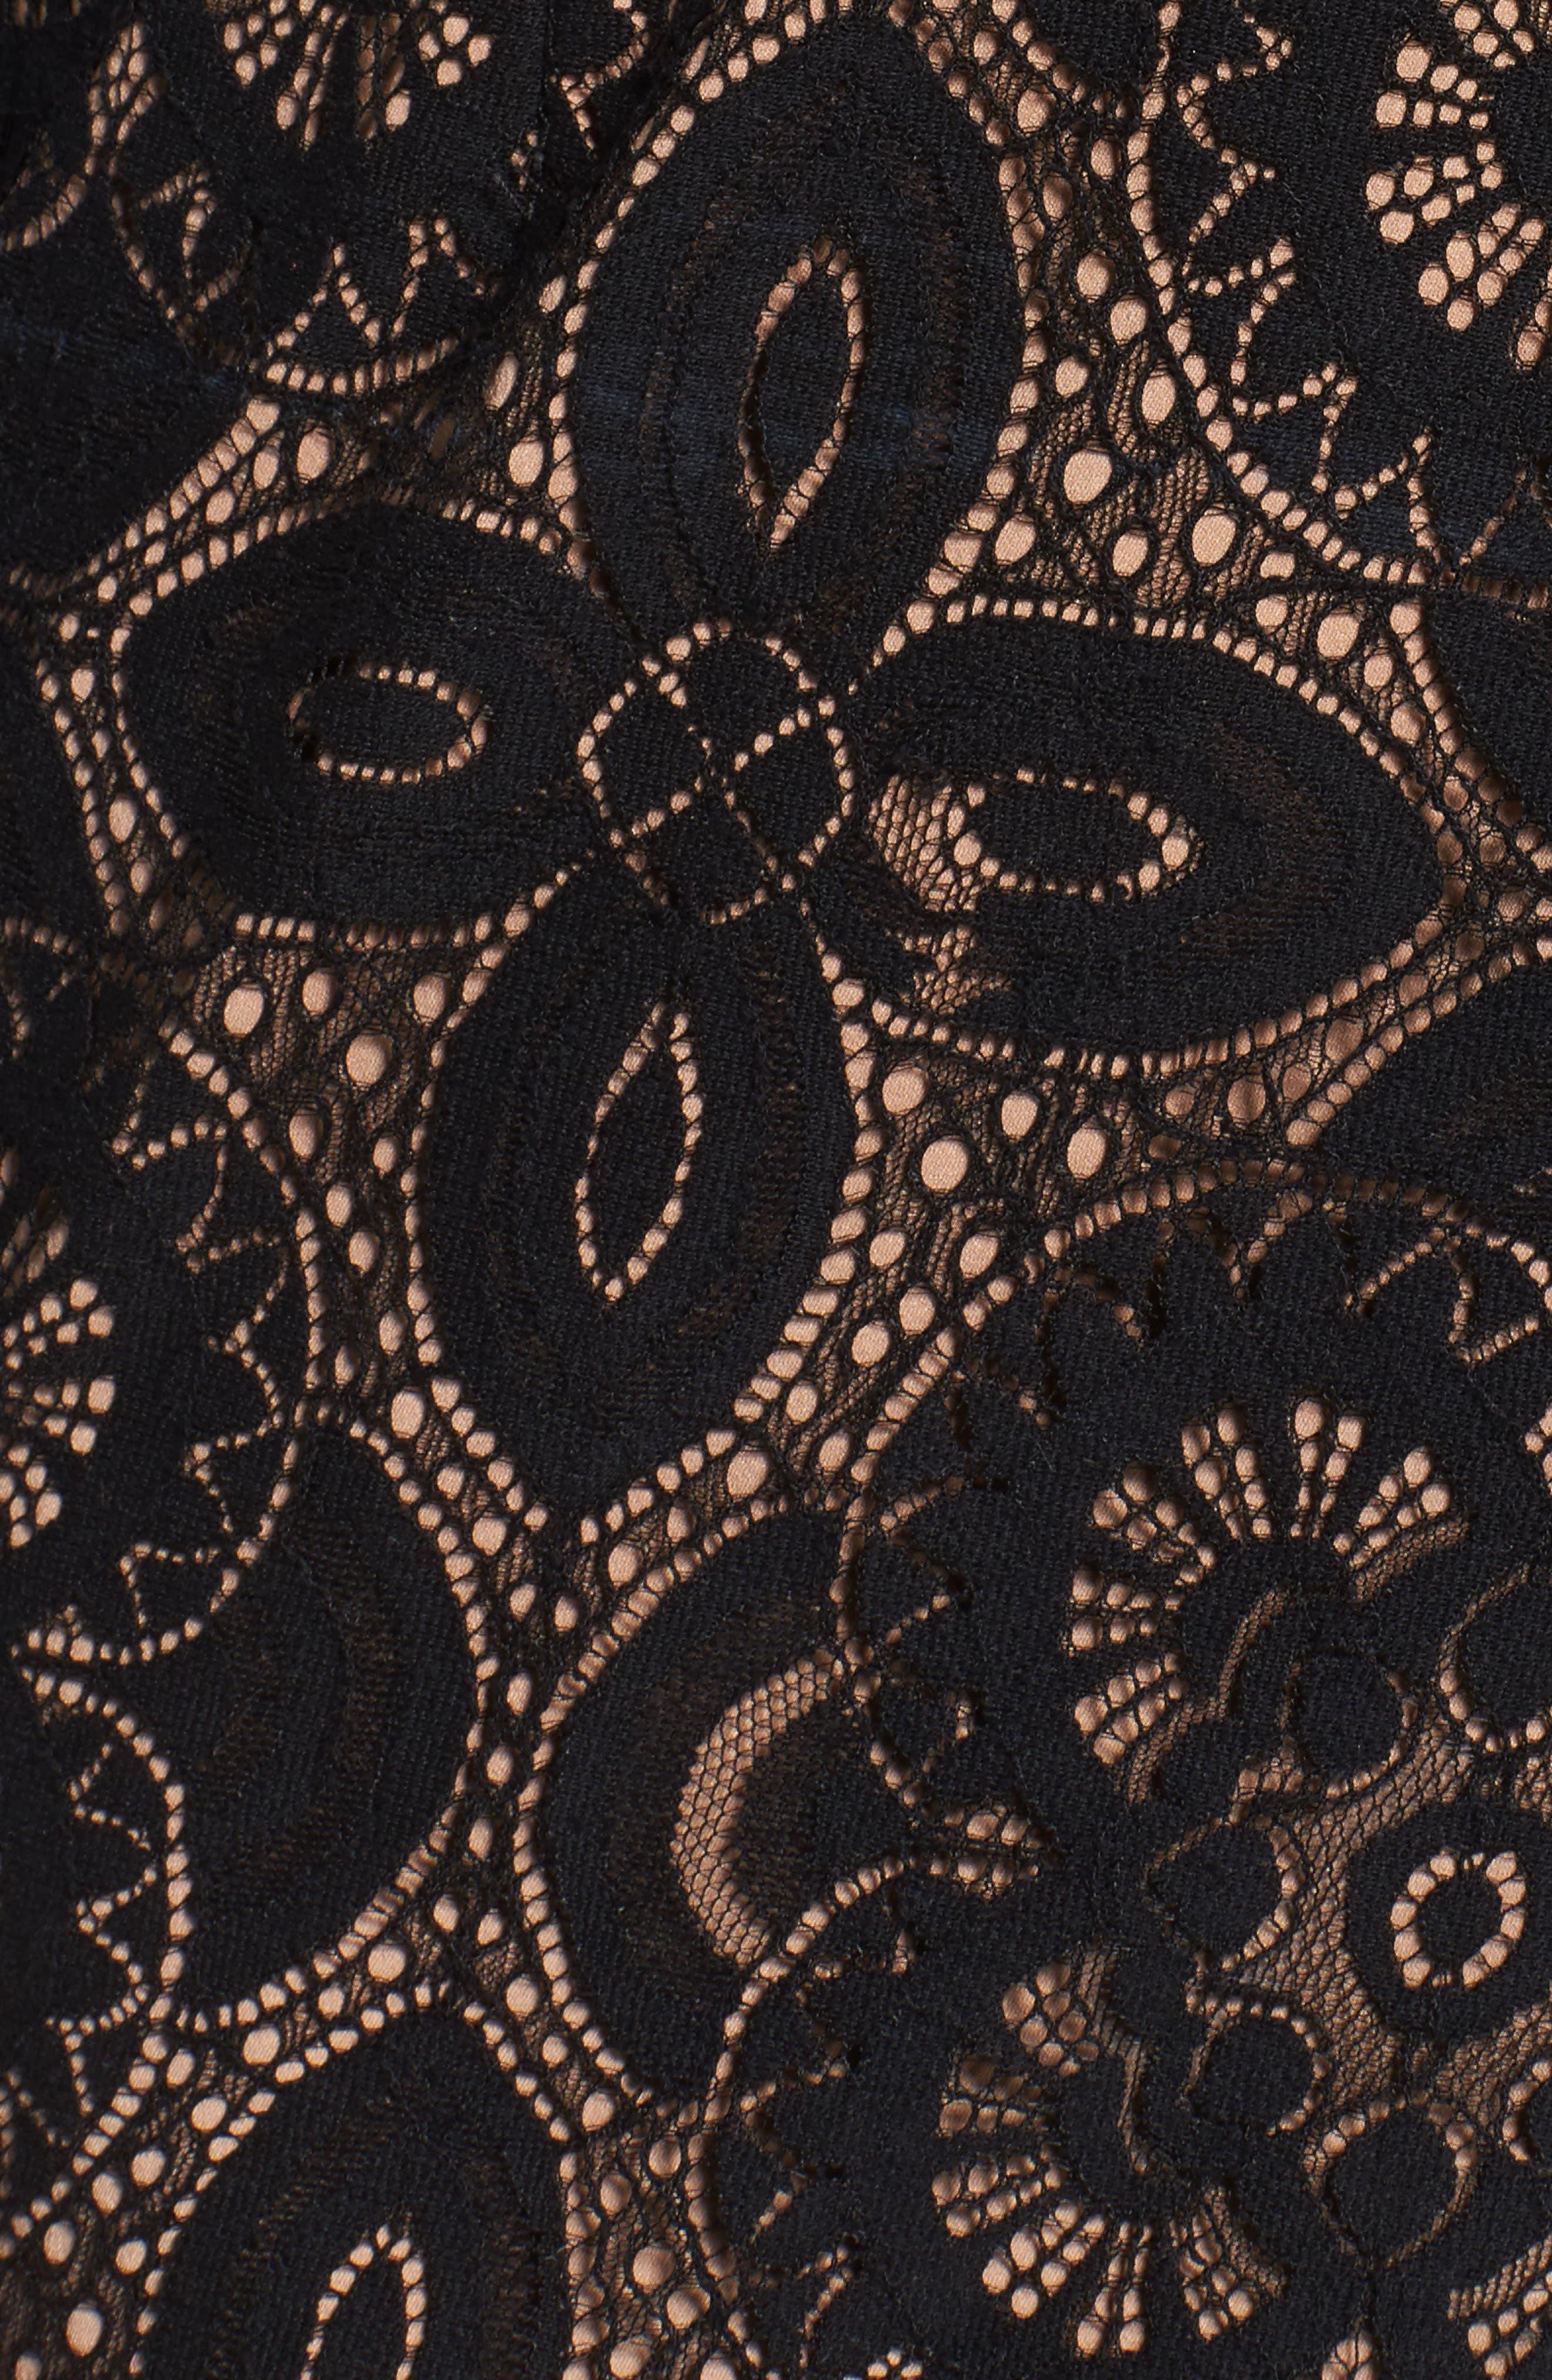 V-Neck Lace Sheath Dress,                             Alternate thumbnail 5, color,